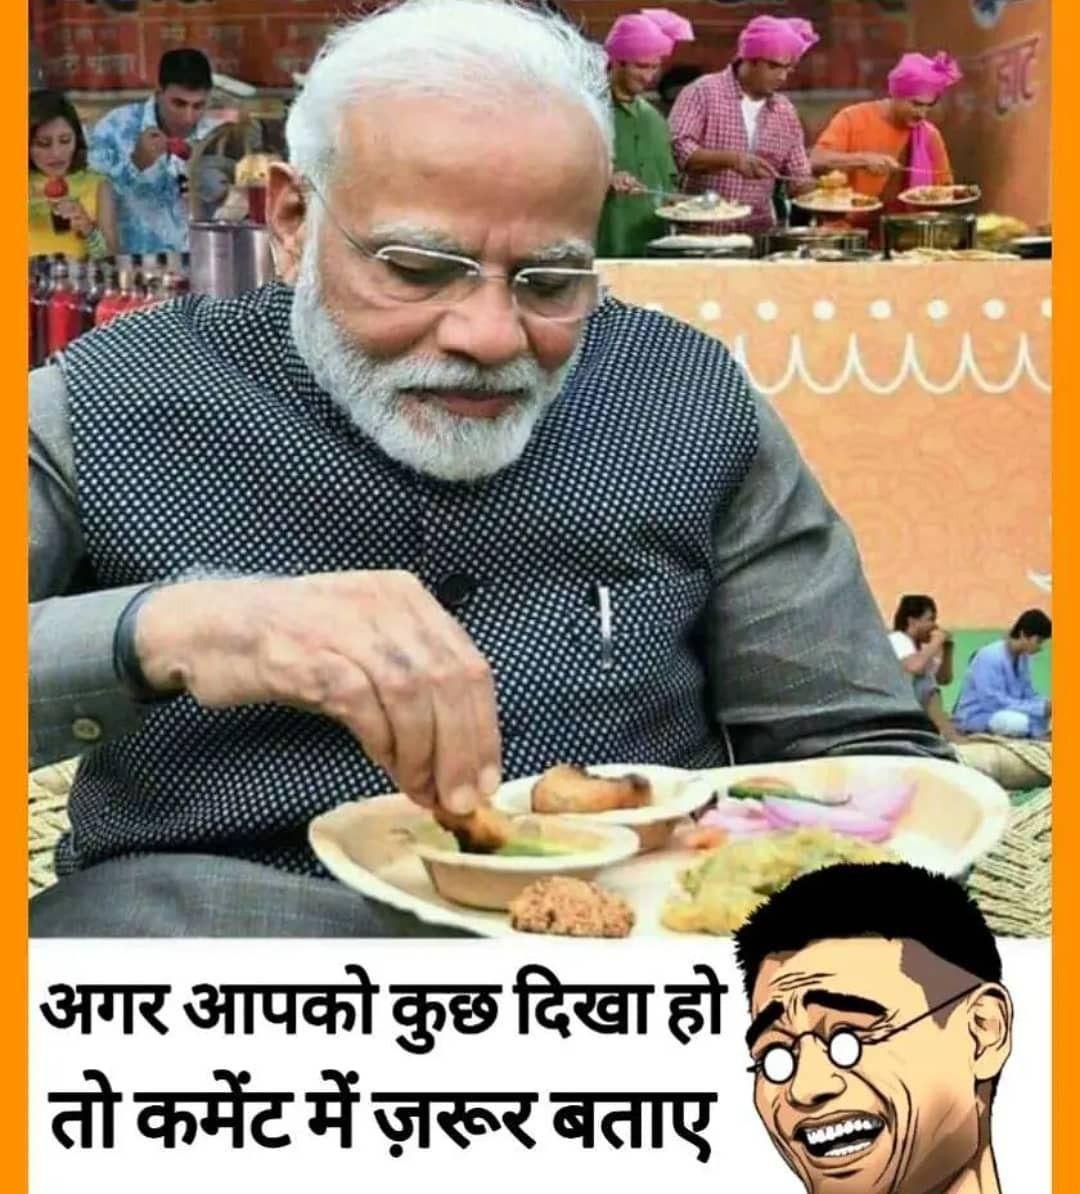 Pin By Rinku Singh On Hindi Jokes Exams Funny Jokes In Hindi Fun Quotes Funny